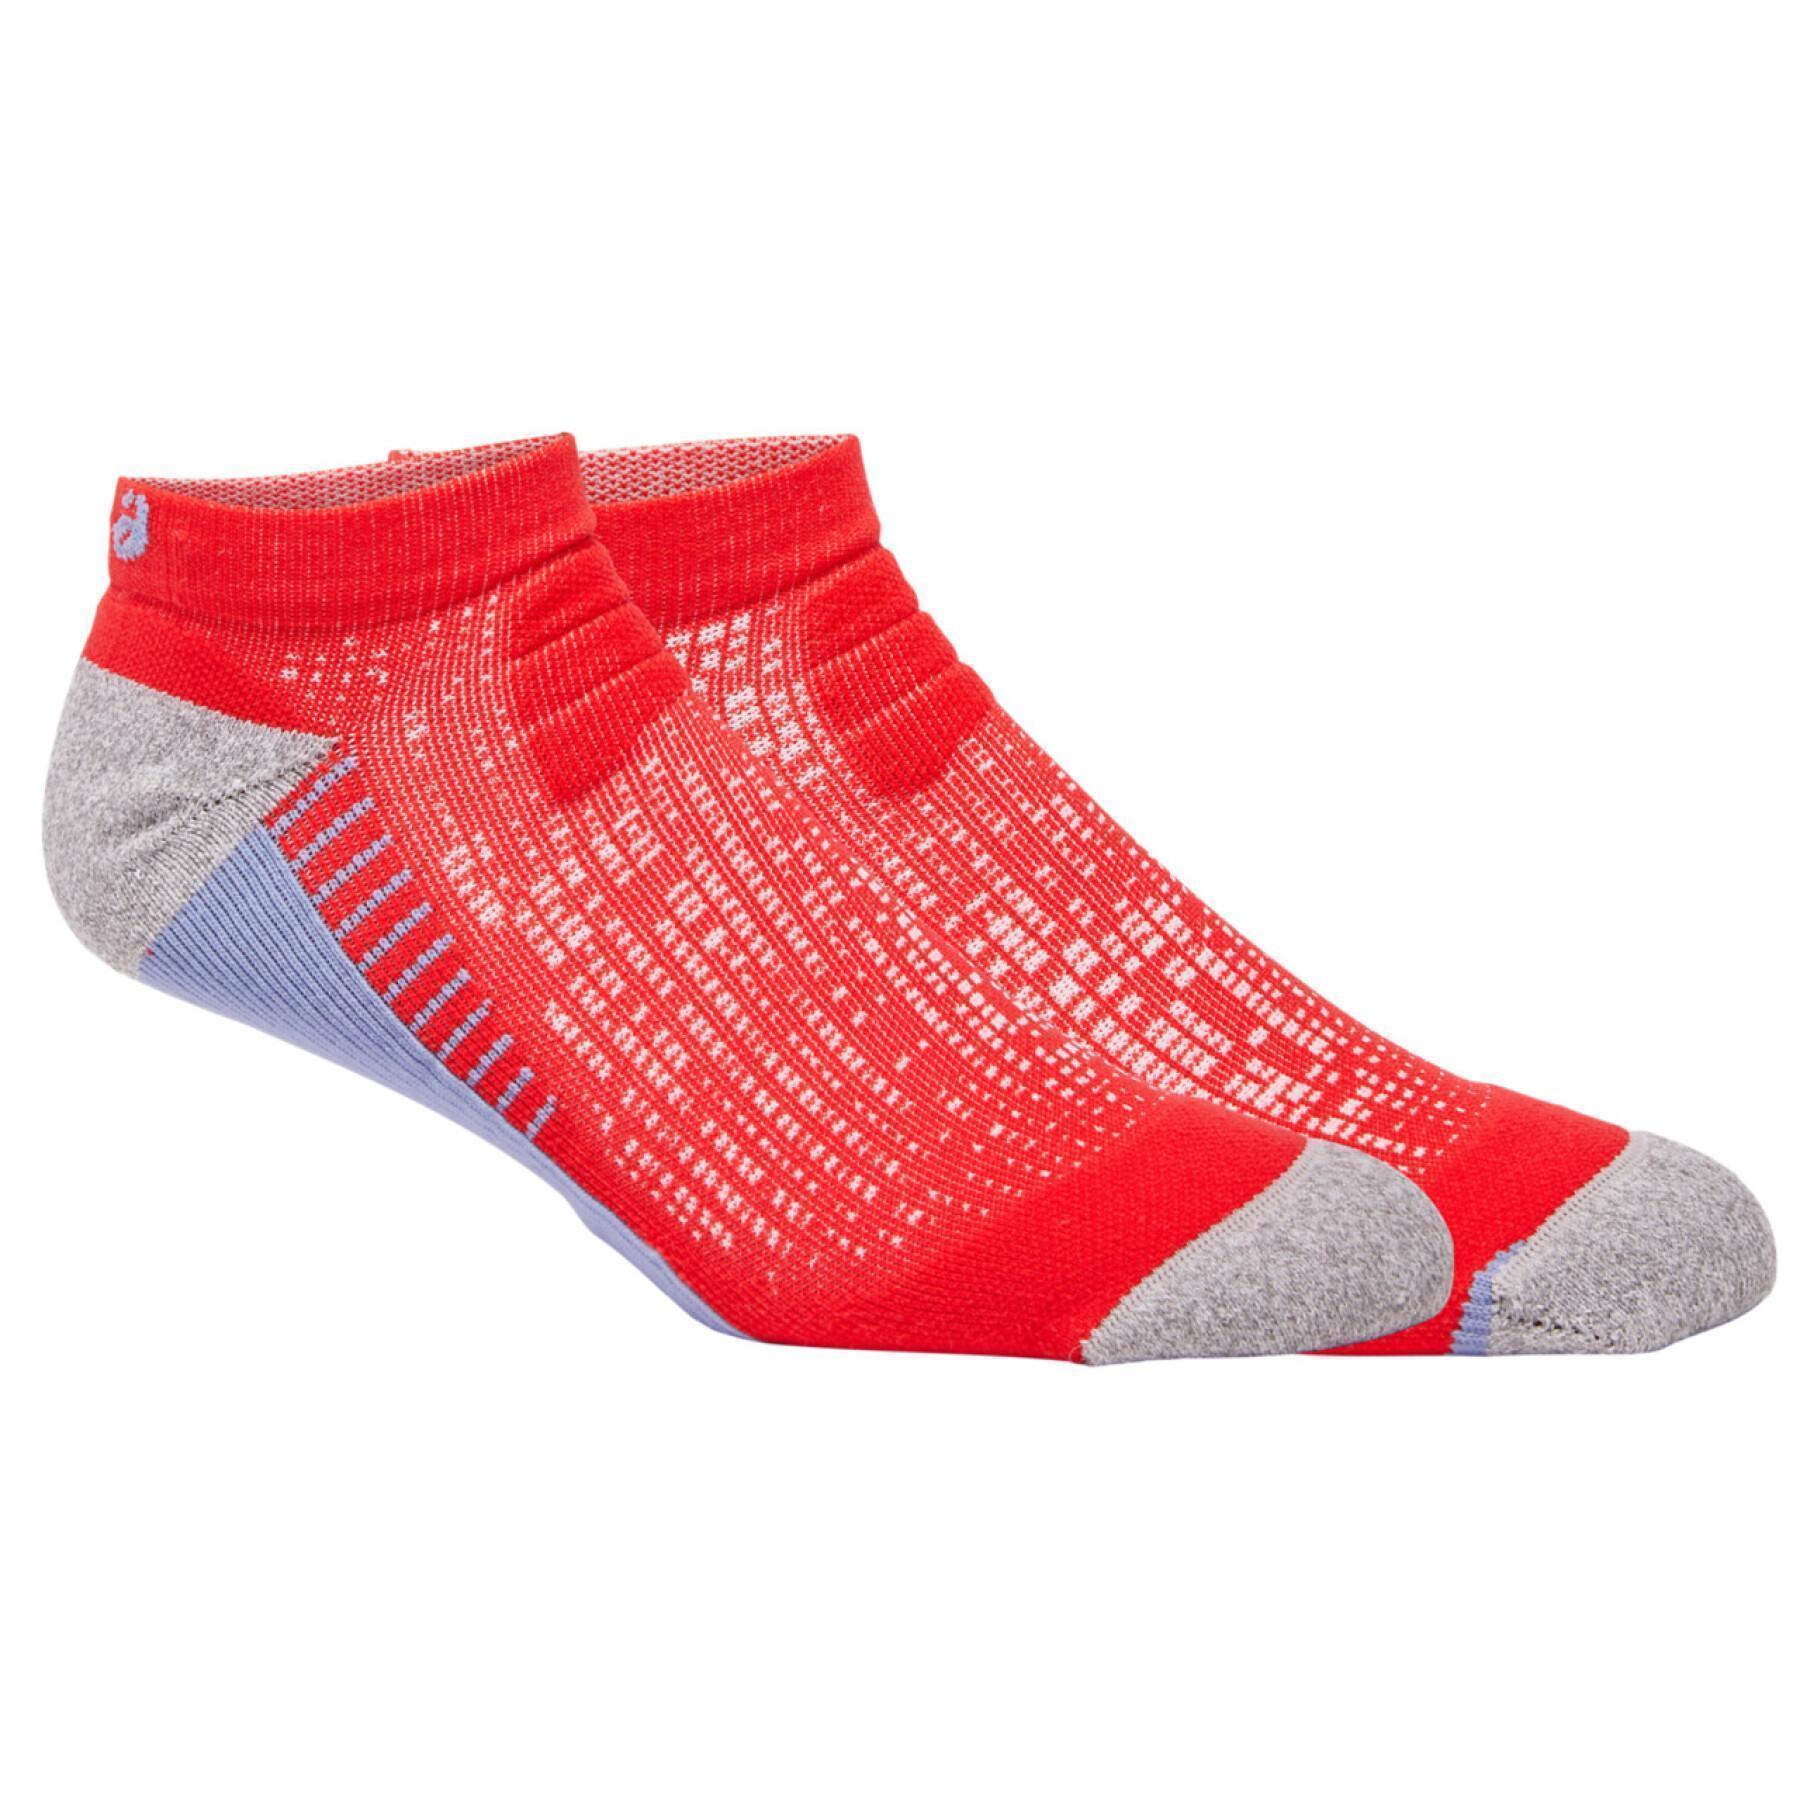 Socks Asics Ultra Comfort Ankle